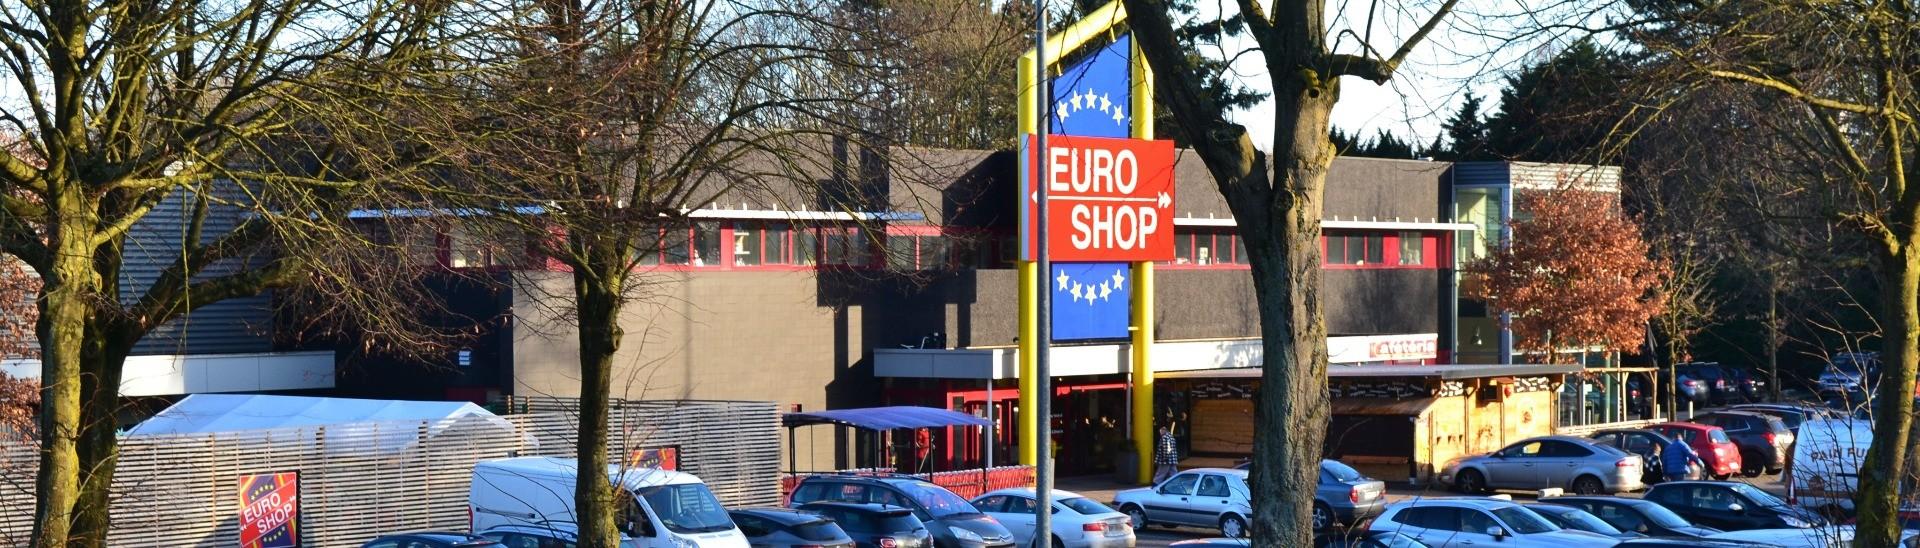 Euro Shop Doornik